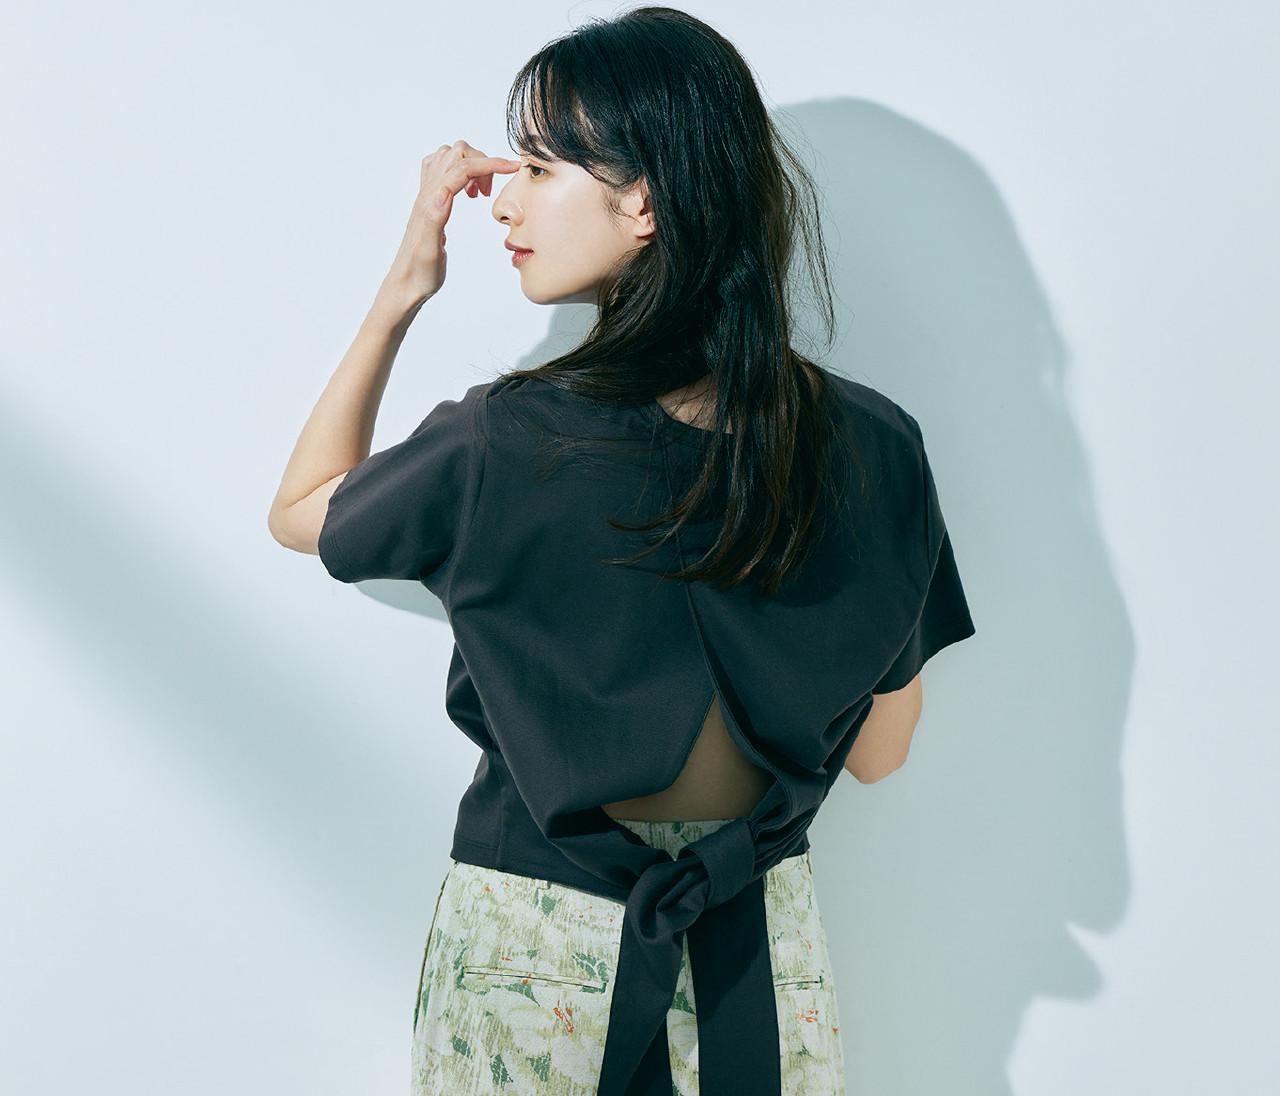 【大人のTシャツ2021】肌見せもメンズっぽさも。スタイリスト百々千晴さんのイチ推しTシャツ6選